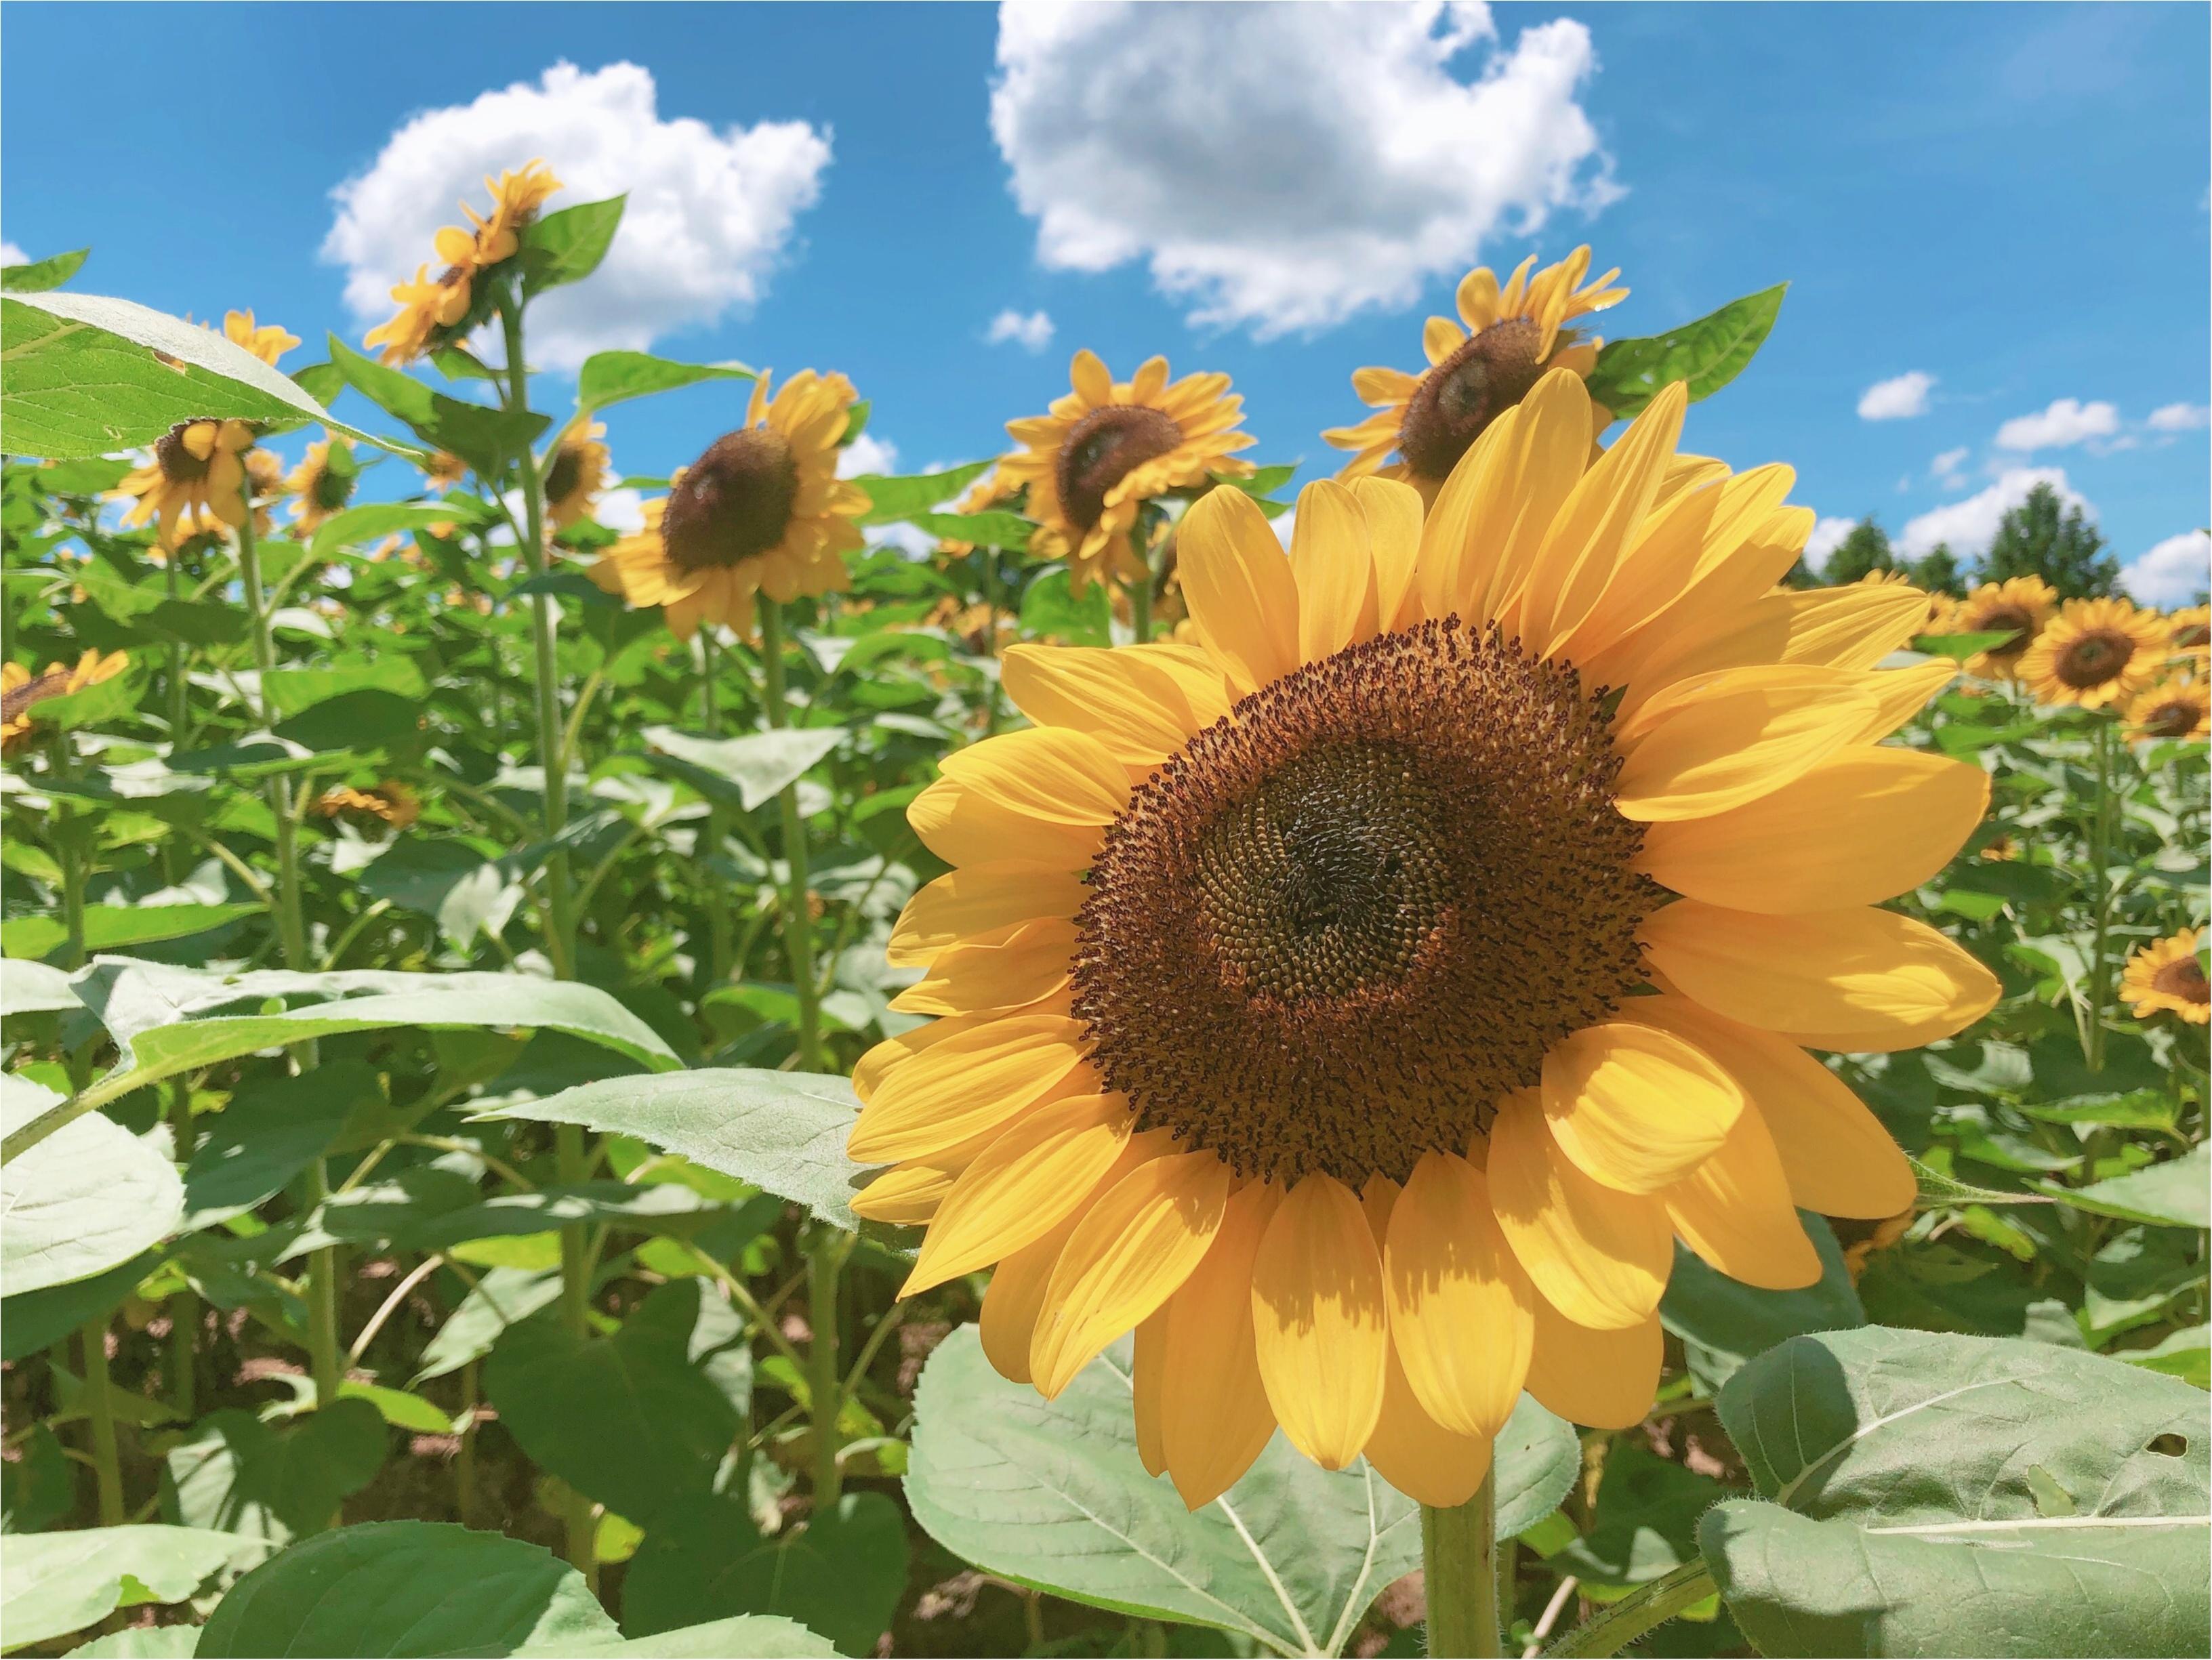 美しい夏の絶景♡ 100万本のひまわりが一面に広がる『ひまわり畑』が見たい♡♡_3